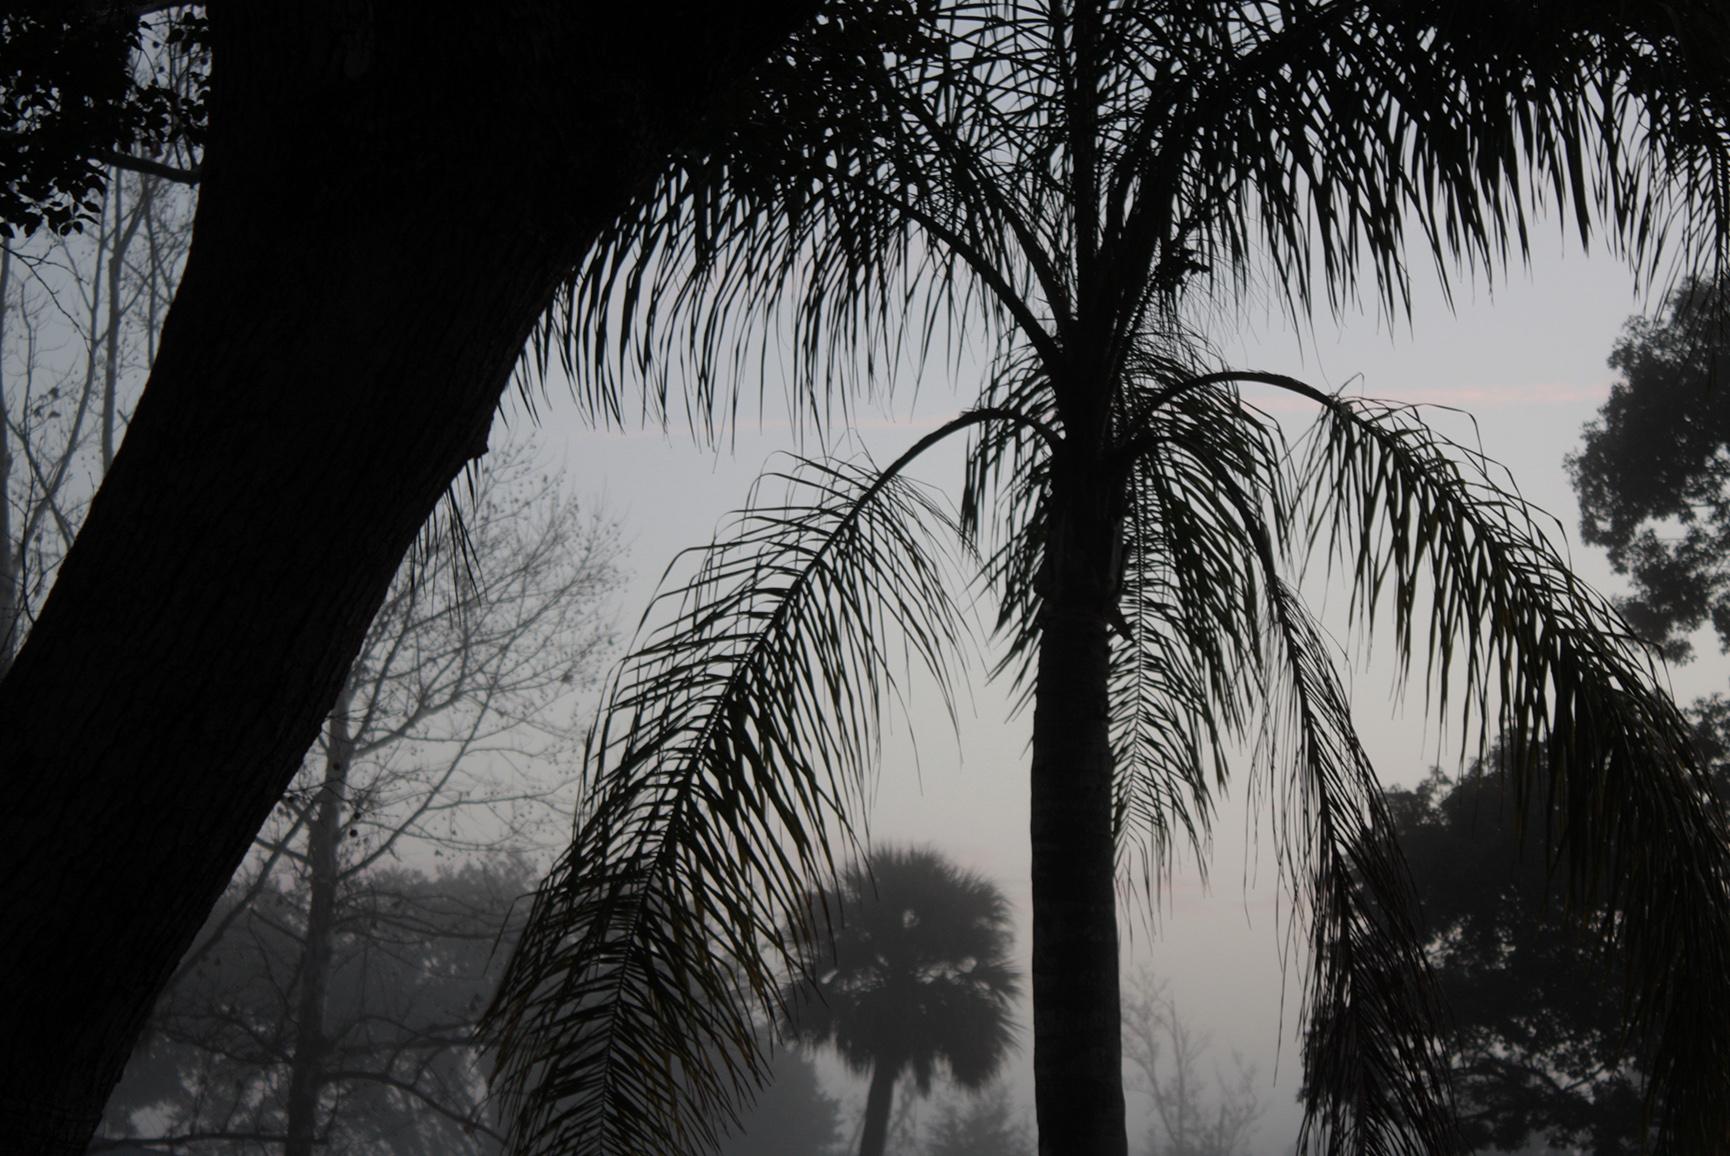 Foggy Yard - 012/365